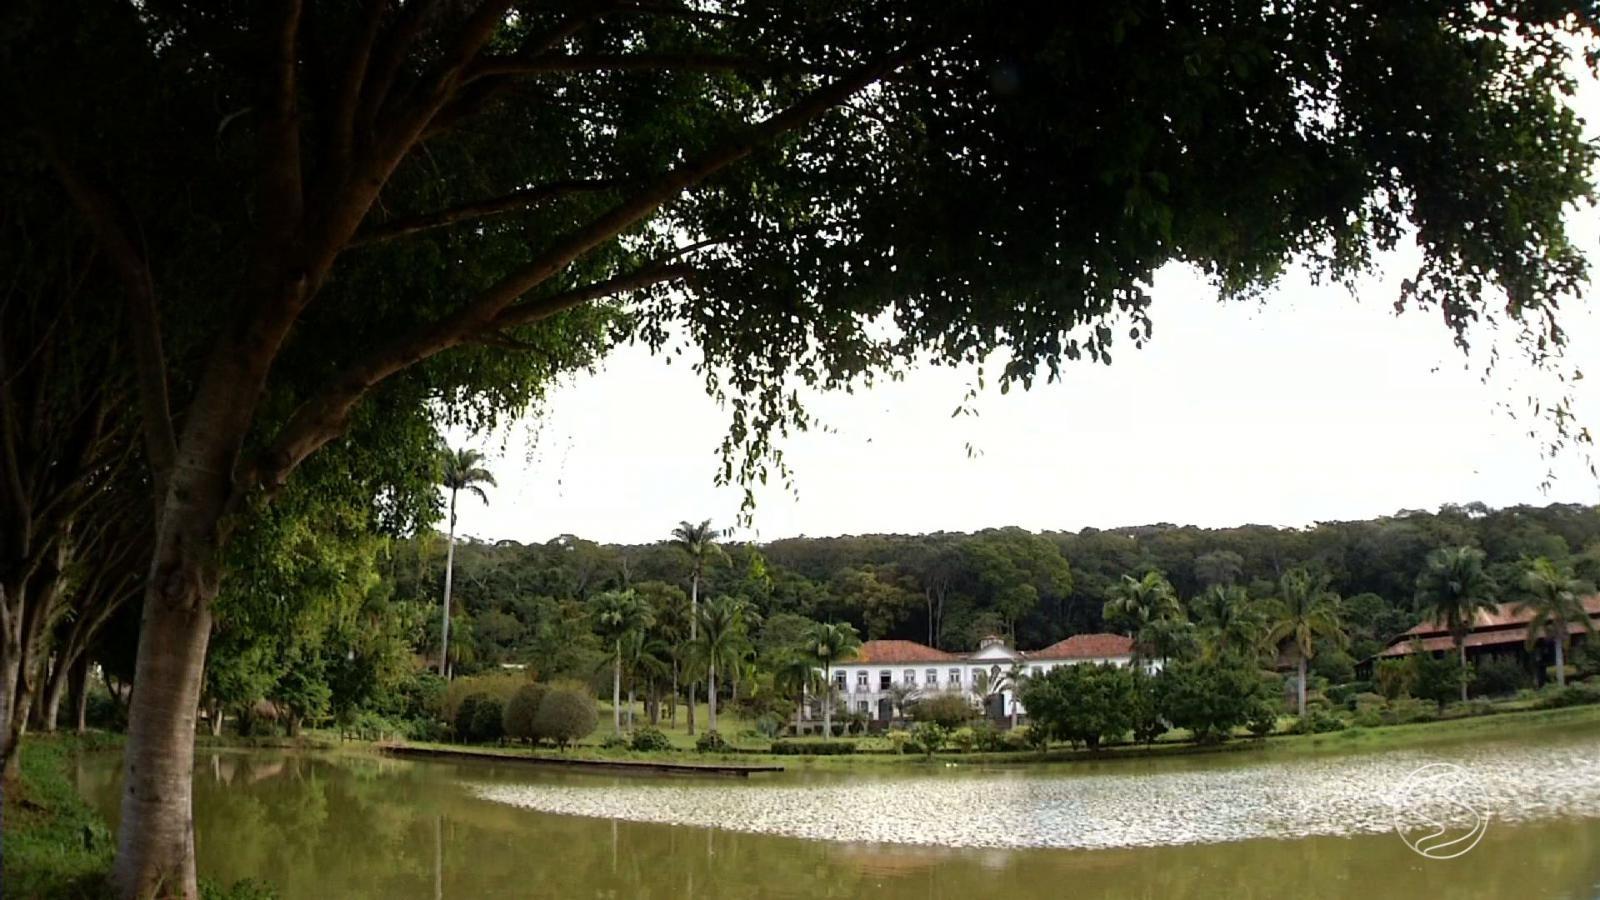 Turismo rural faz sucesso no Brasil